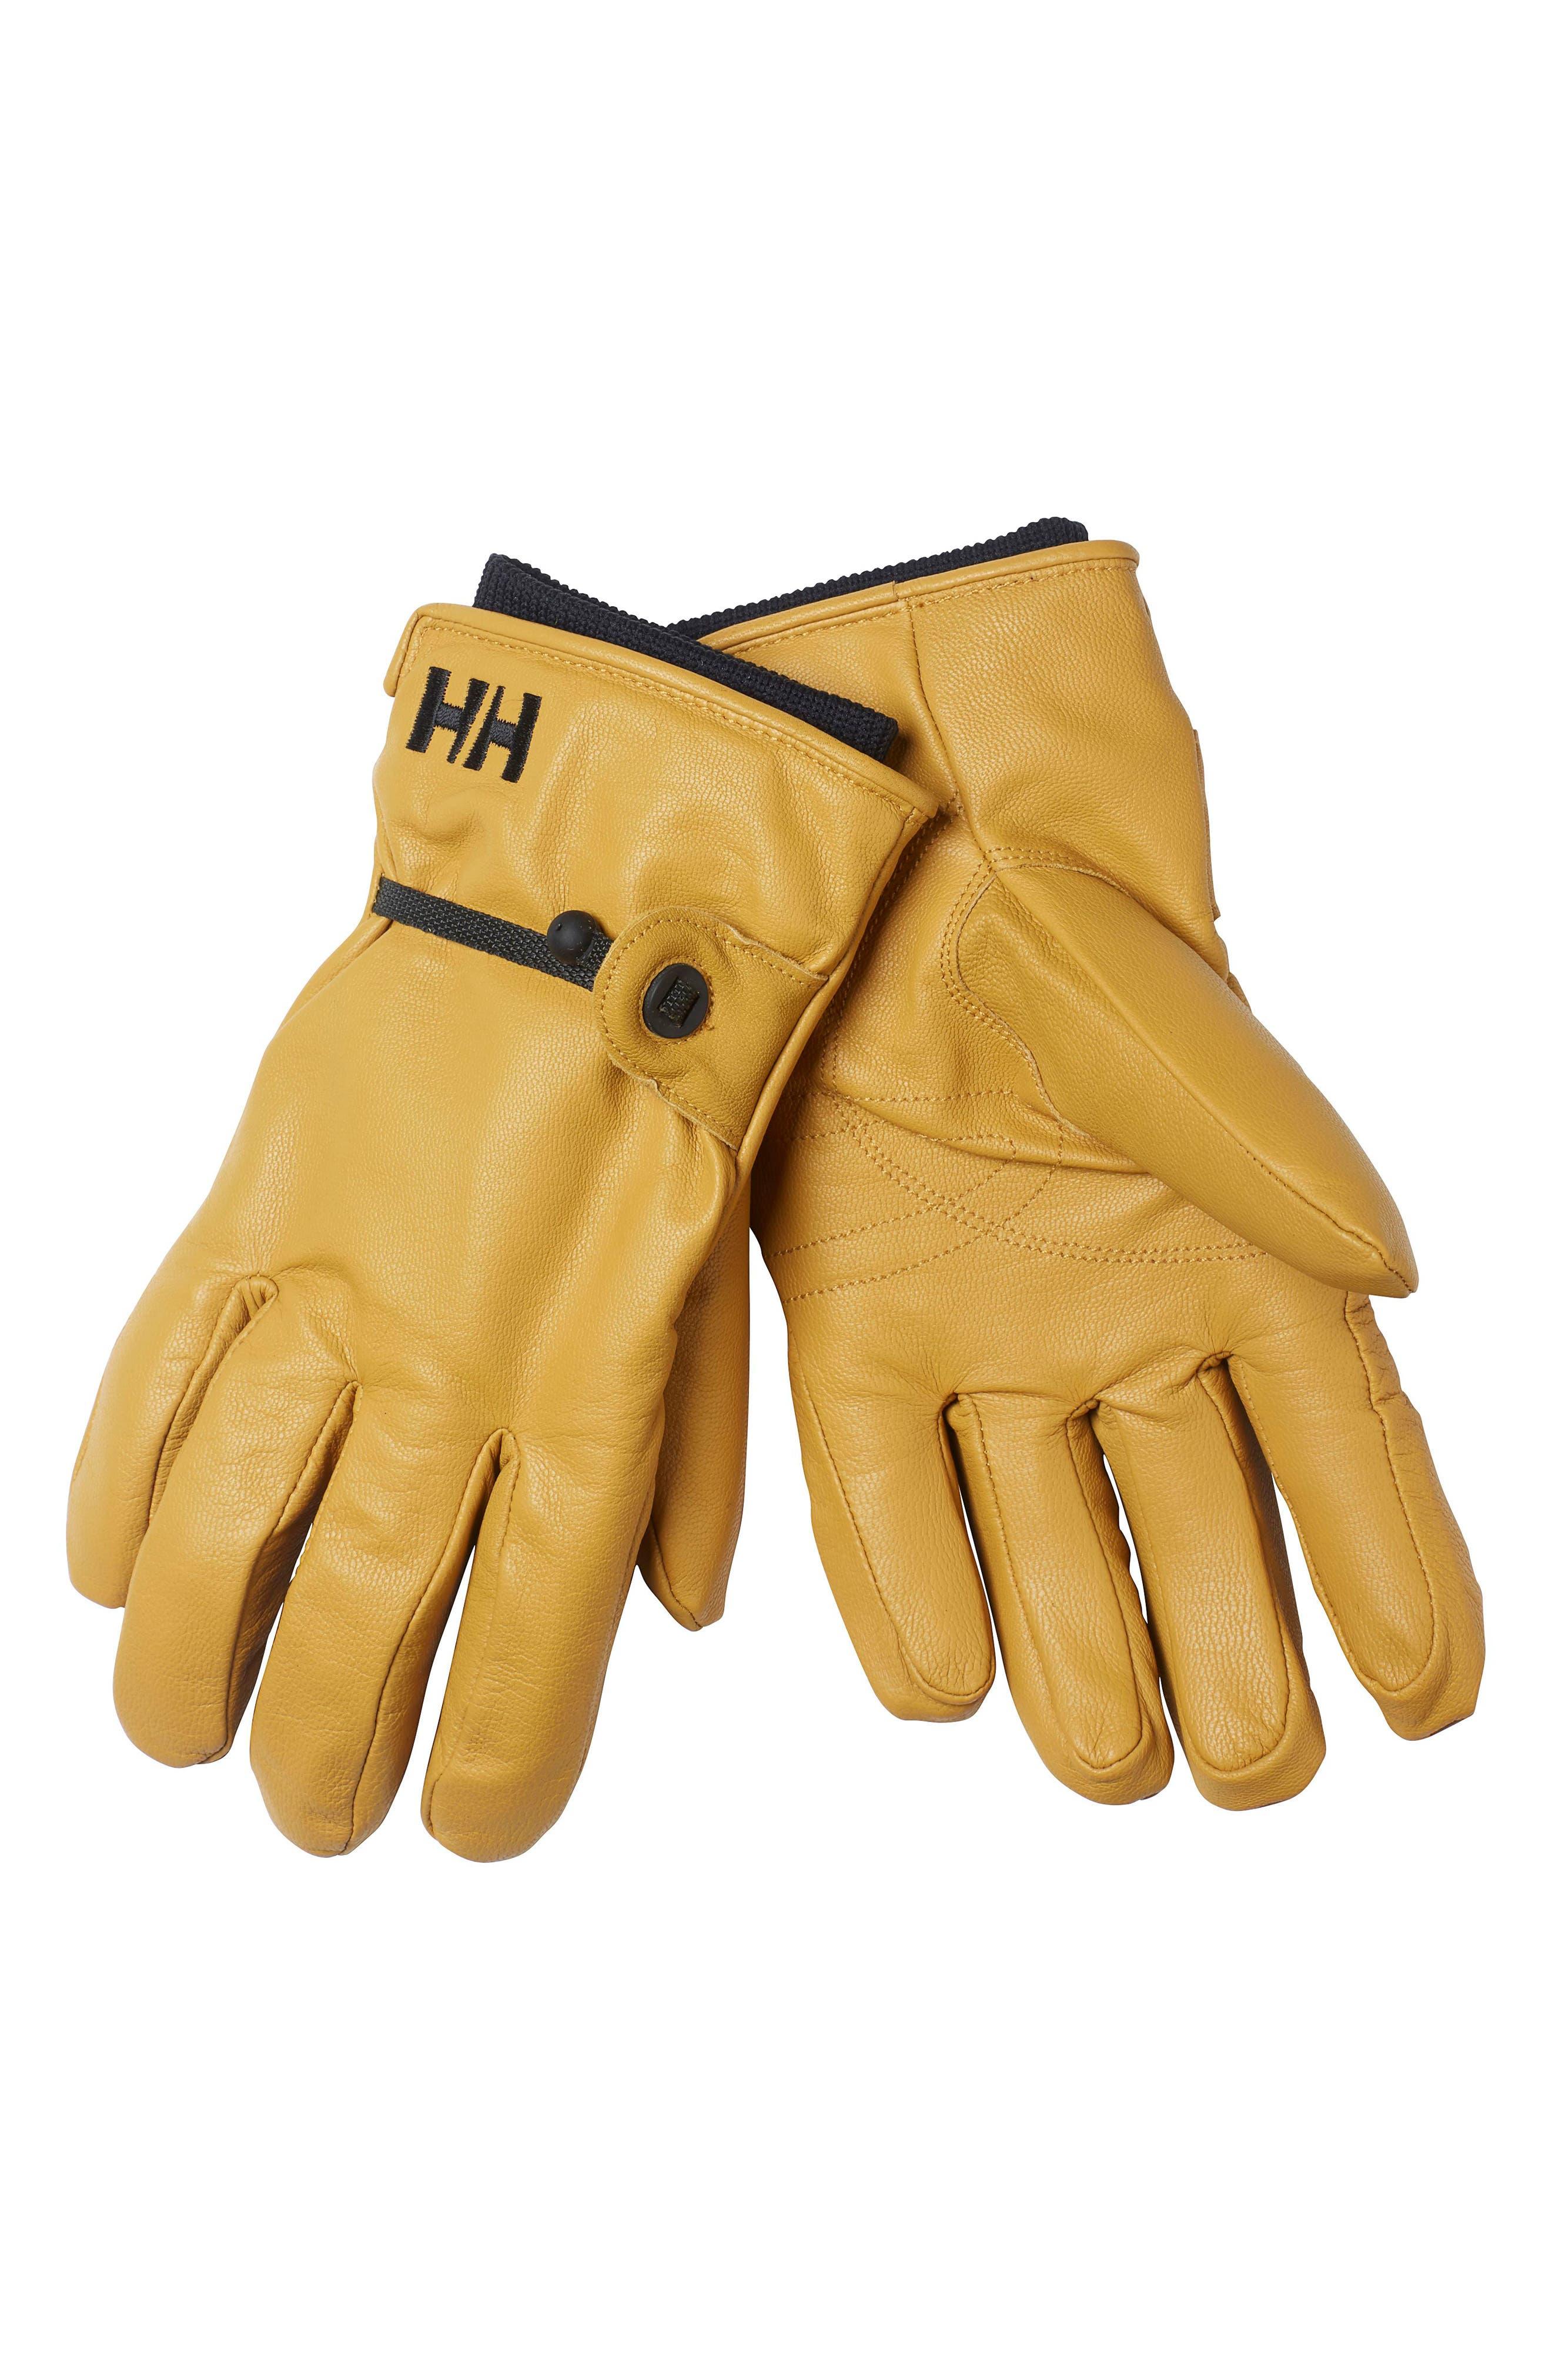 Helly Hansen Vor Leather Gloves, Yellow